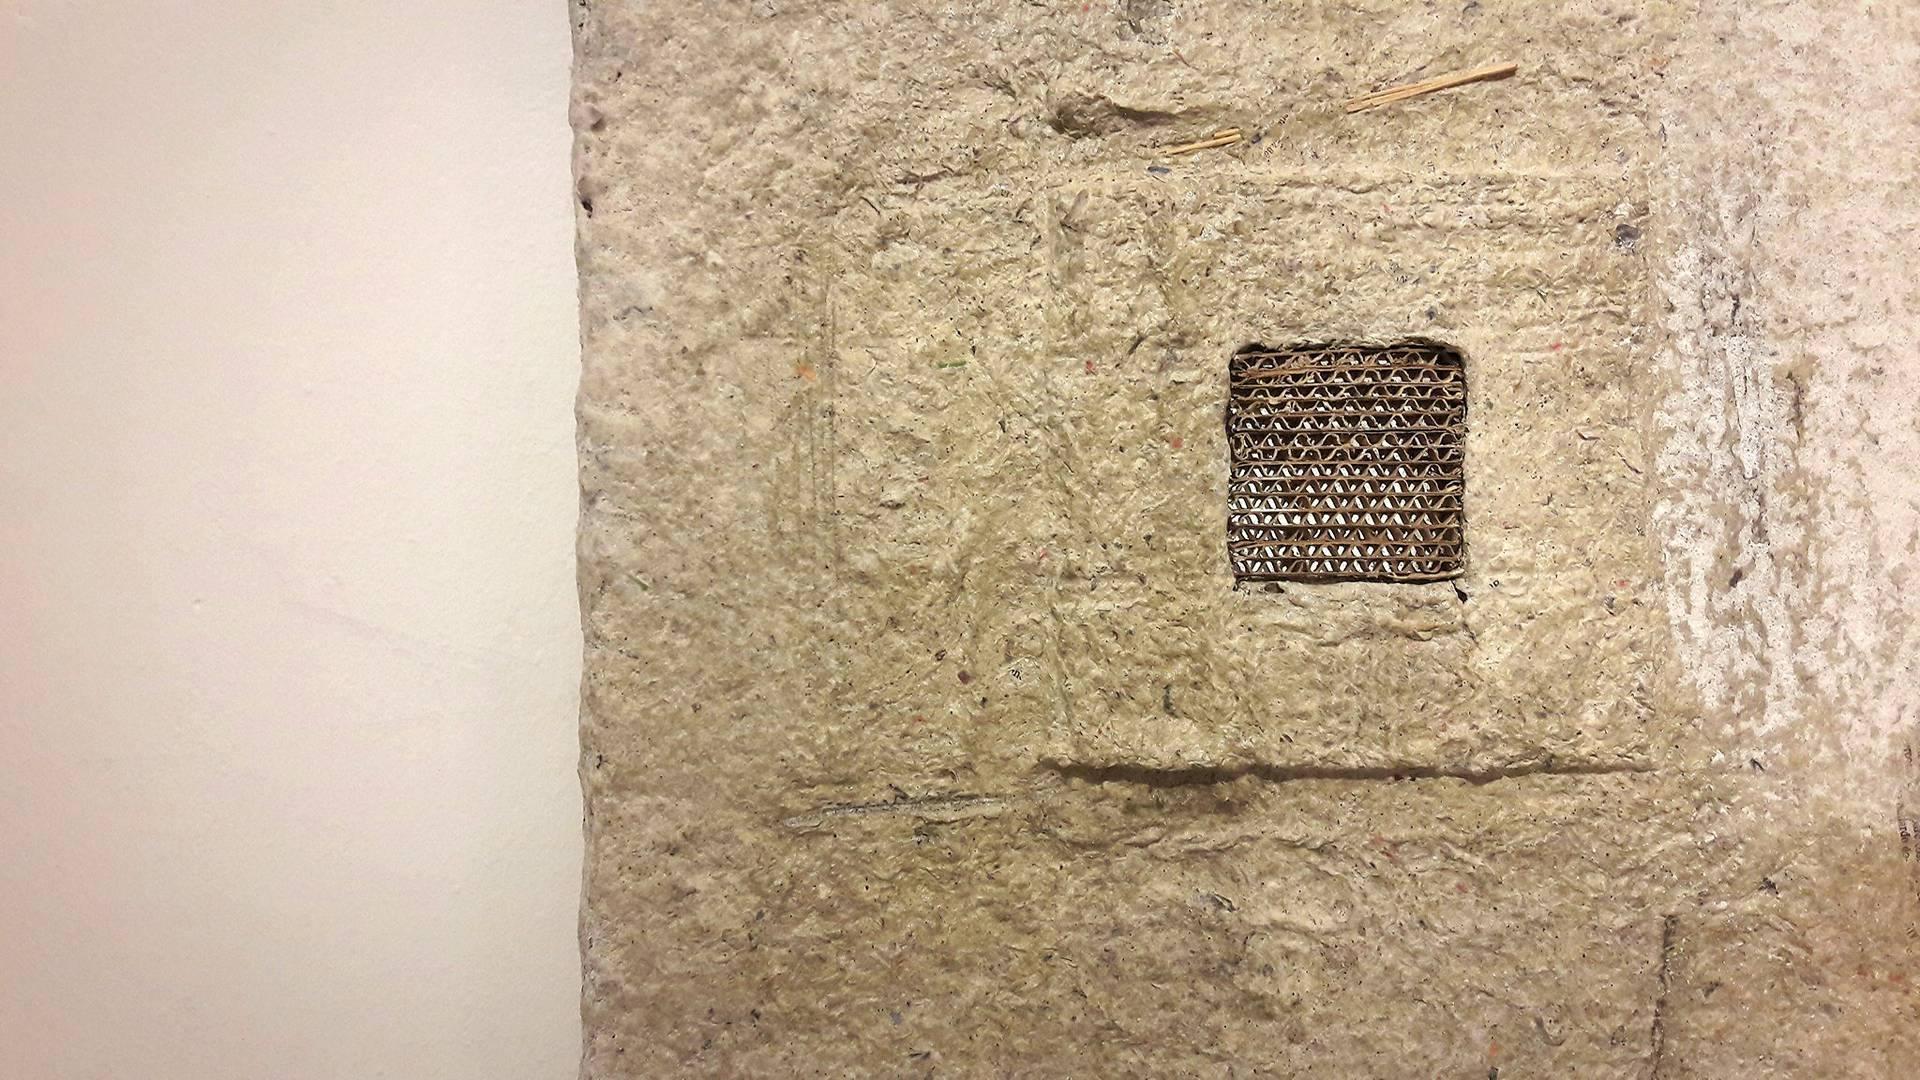 Illusione di pietra, oggetto rivetatore del passaggio umano con Daniela Barzaghi